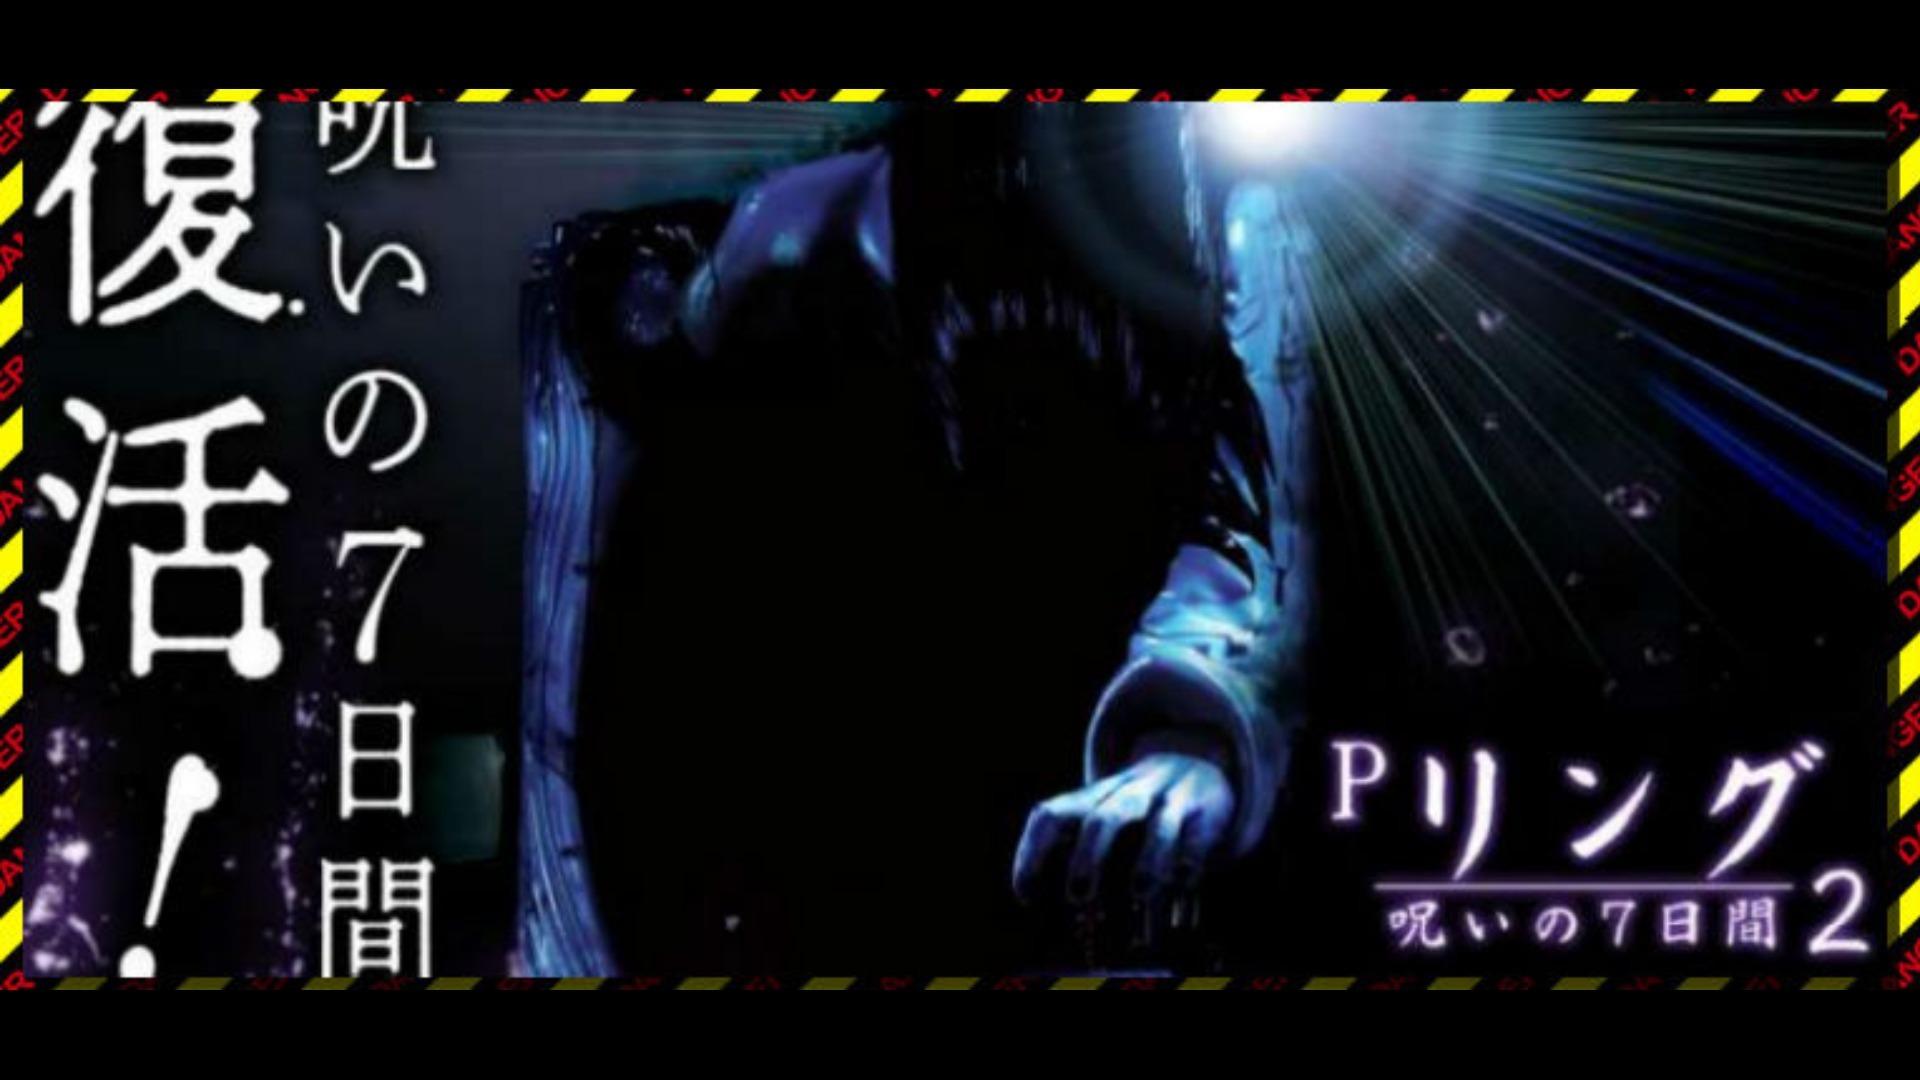 【営業シミュレーション】Pリング 呪いの7日間2